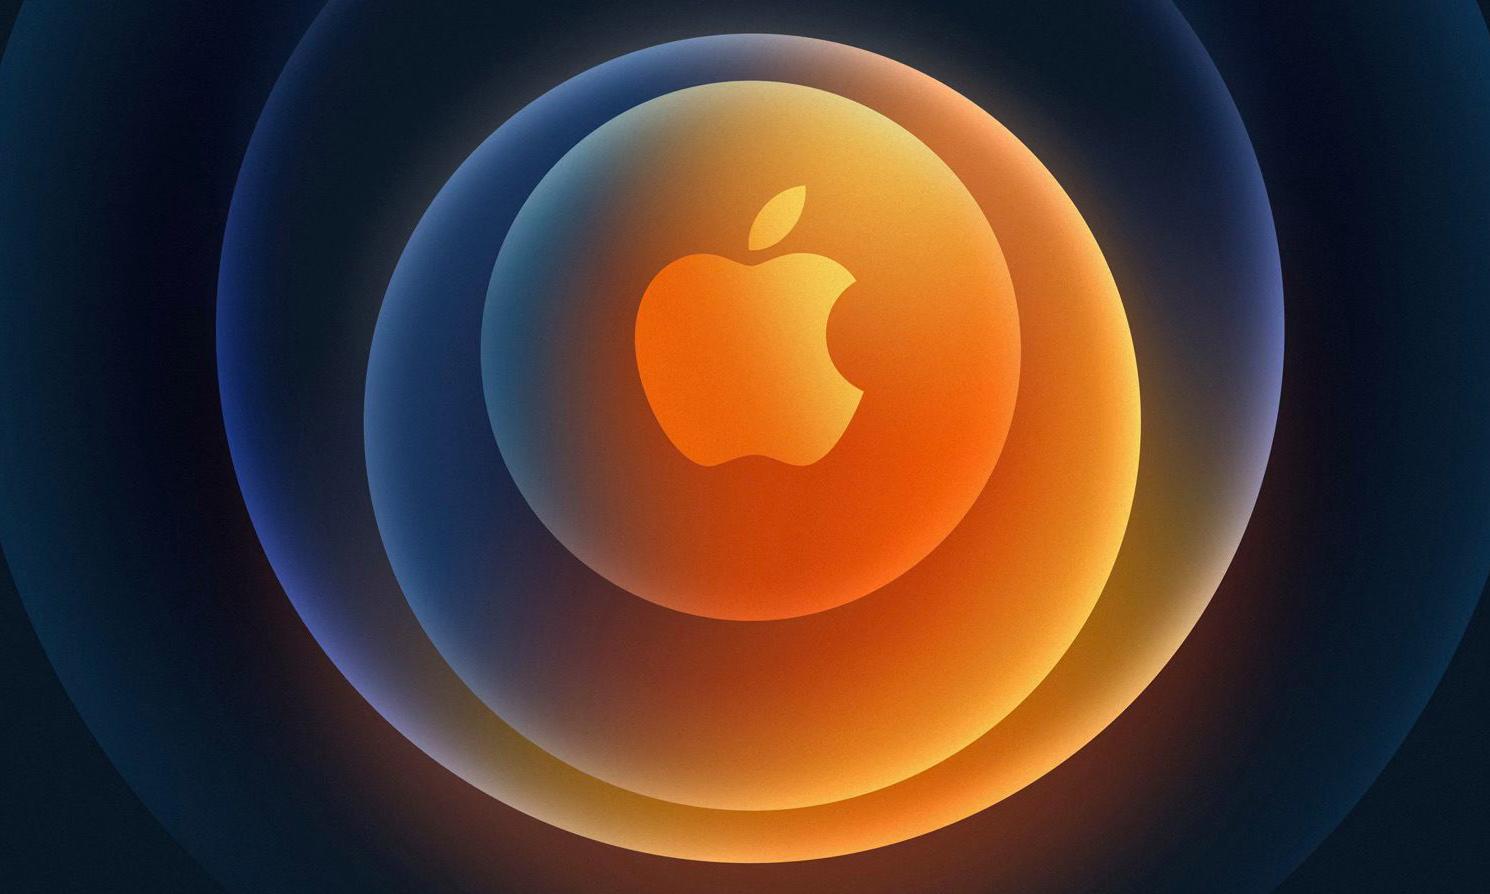 Apple Silicon Mac 准备?爆料苹果将在 11 月再度举办新品发布会